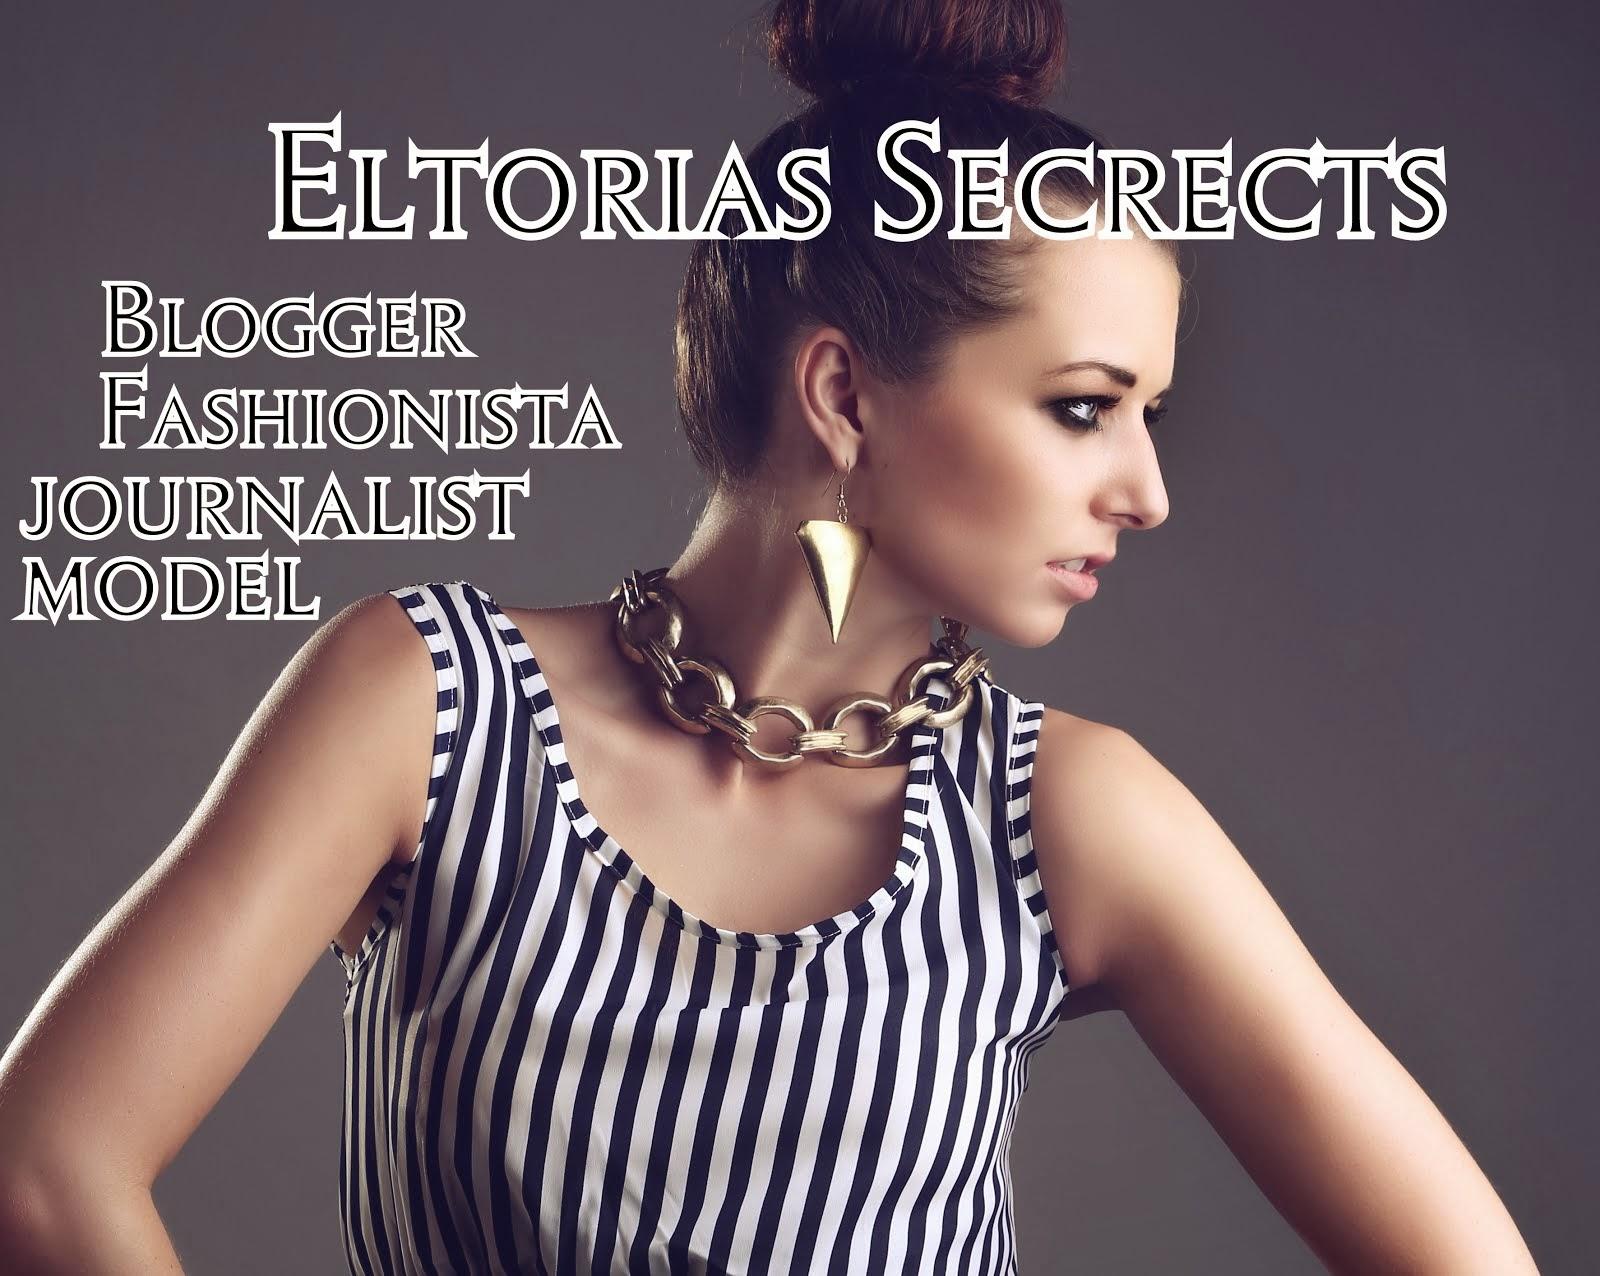 Eltoria Secrets